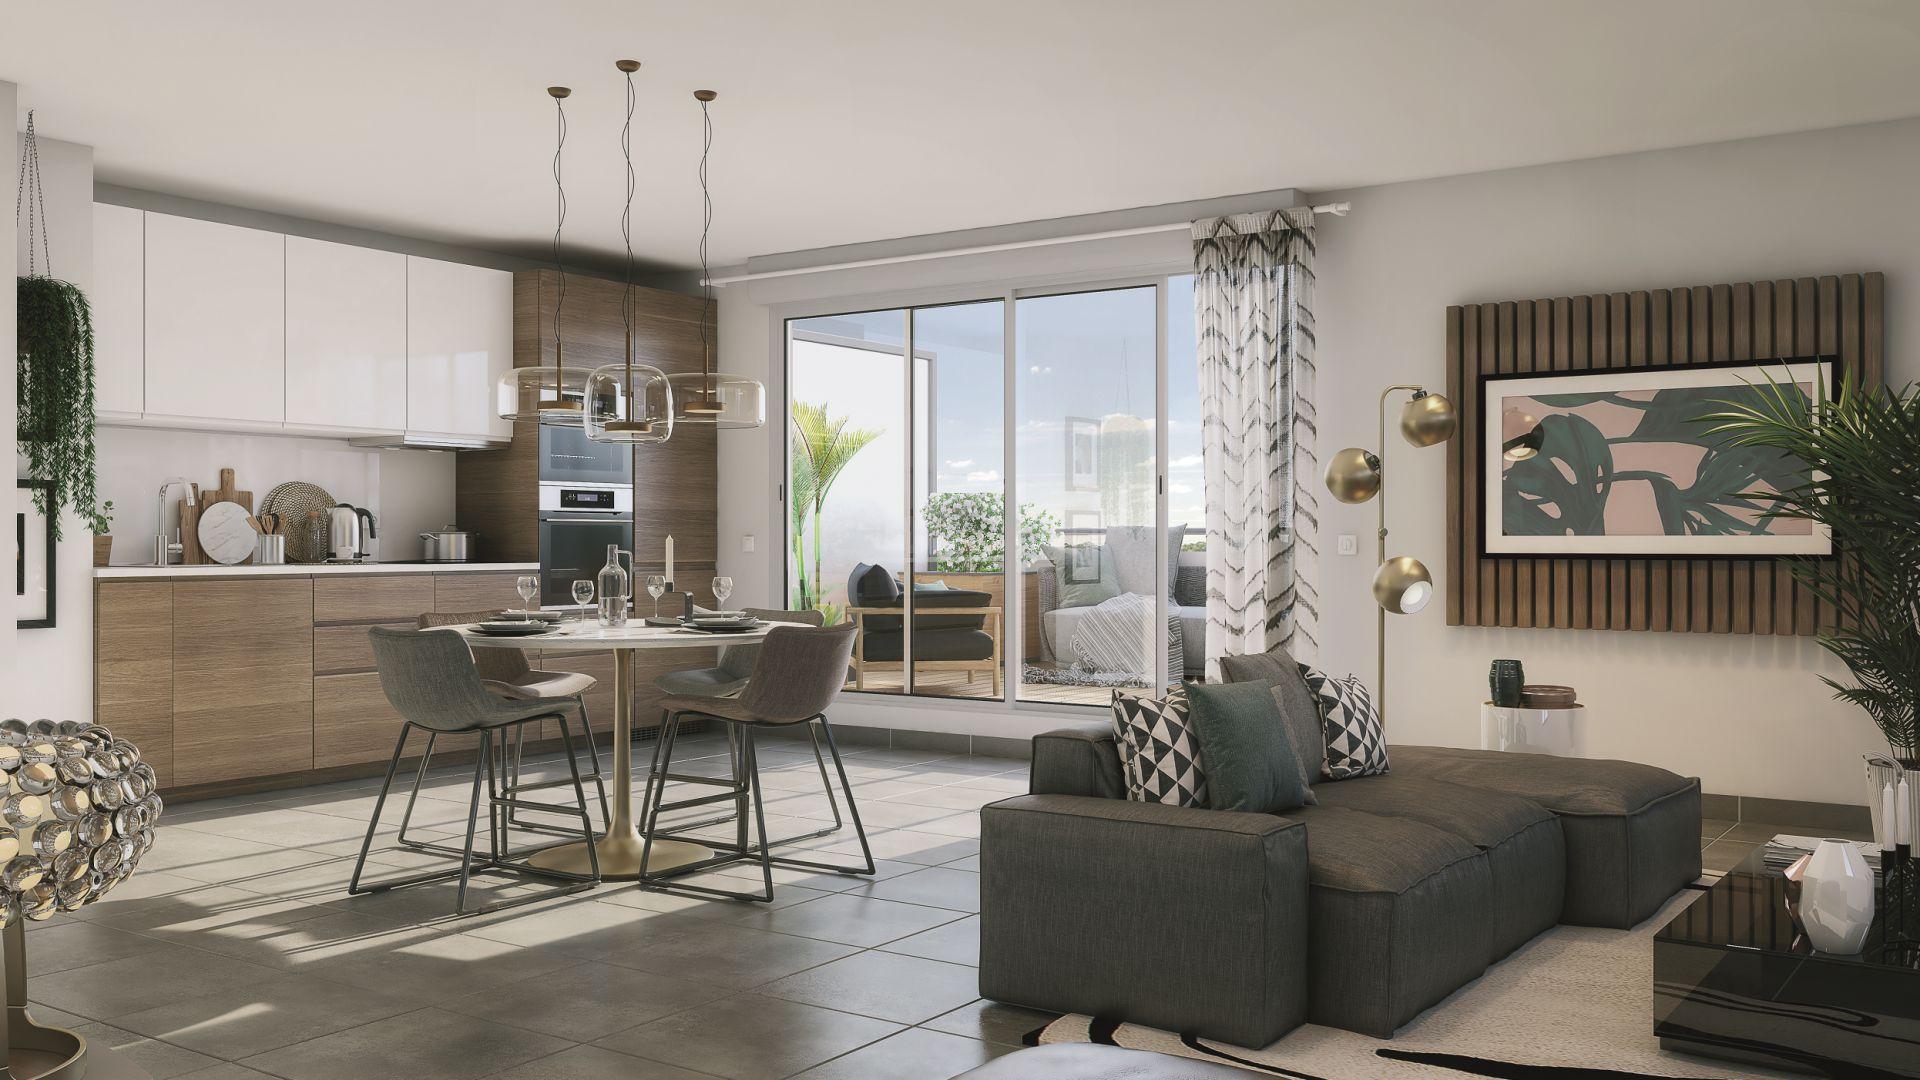 GreenCity immobilier - Plaisance du Touch - 31830 - Résidence Sylvia - appartements neufs du T2 au T4 - vue intérieure